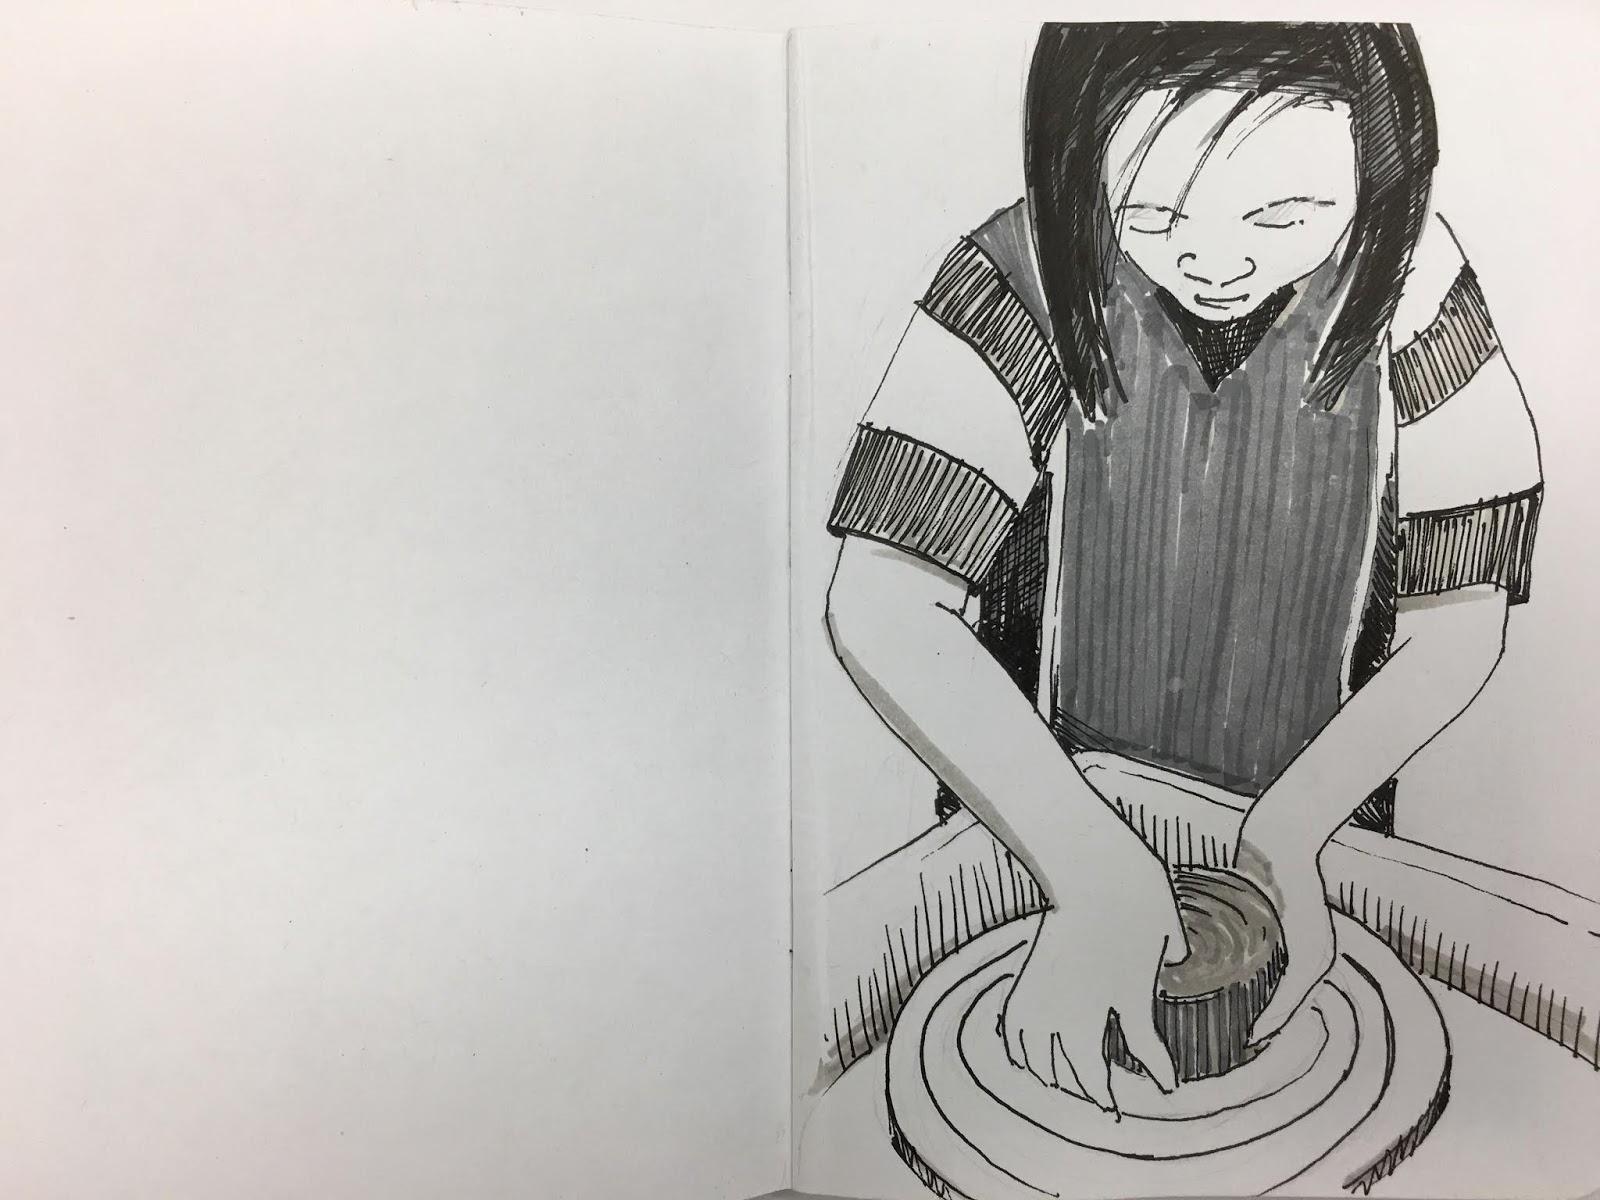 Kristen Applebee Sketchbook Project Seeing Through Blind Eyes